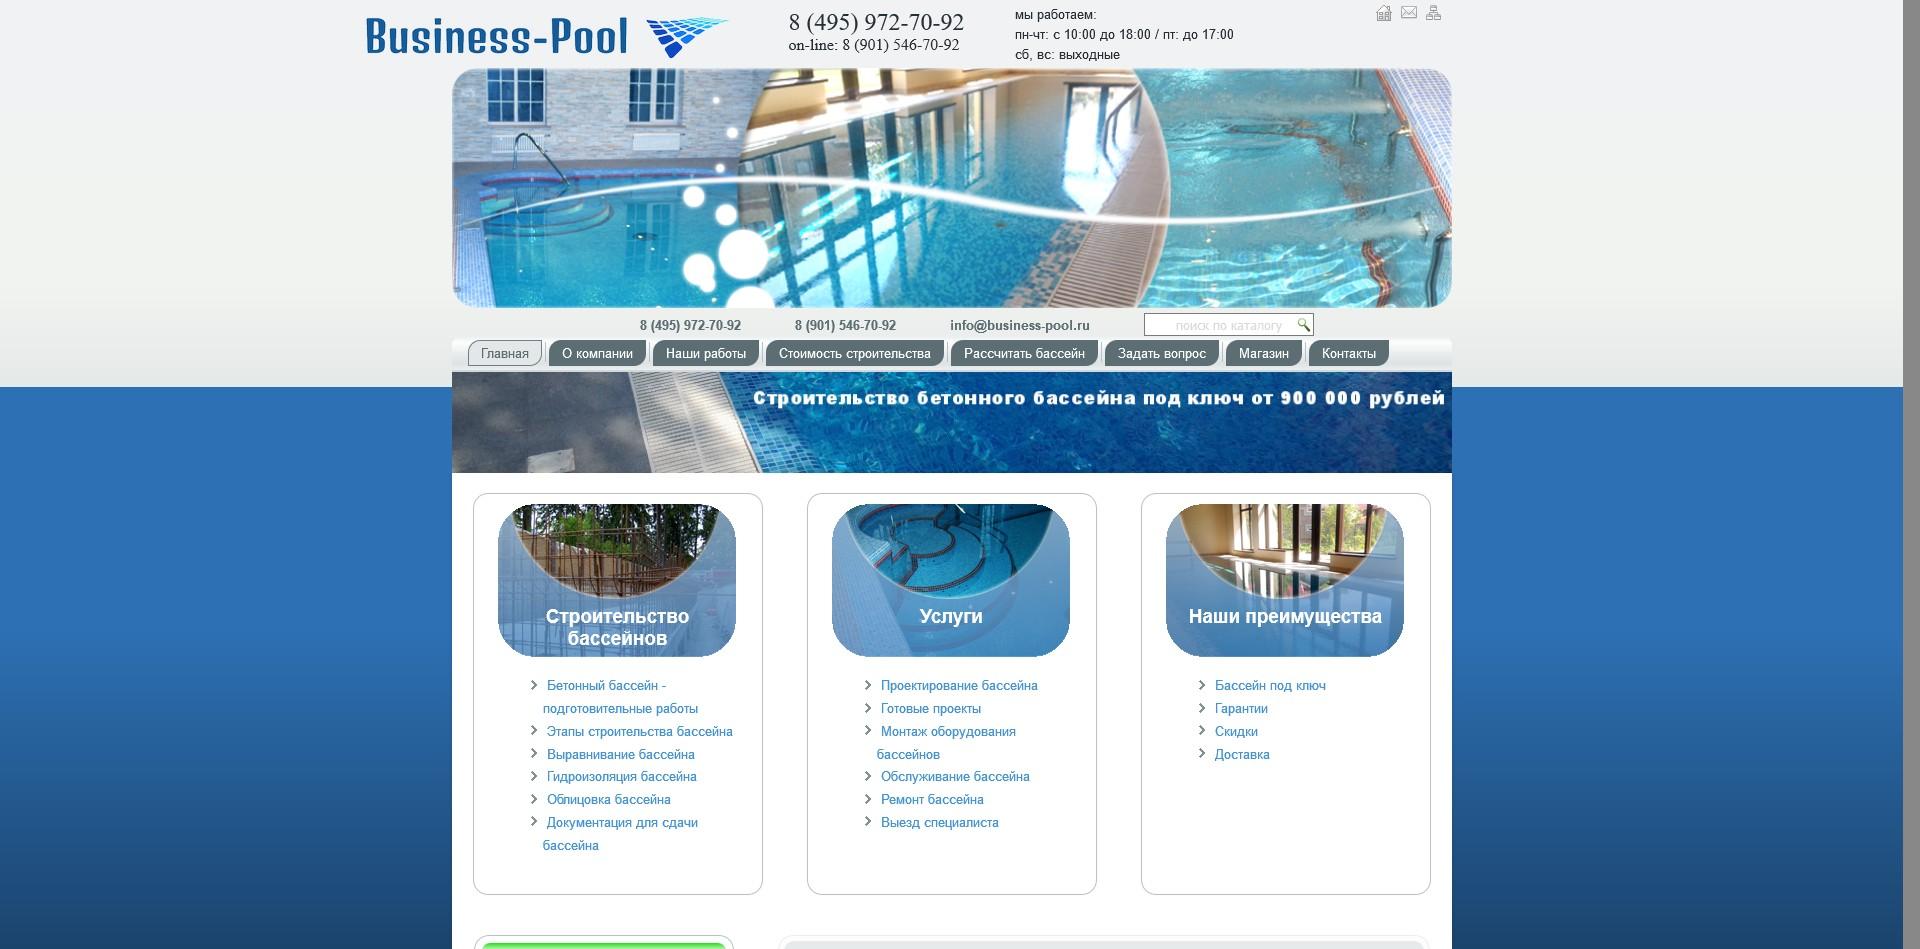 Скриншот: работа по созданию сайта и Интернет-магазина business-pool.ru